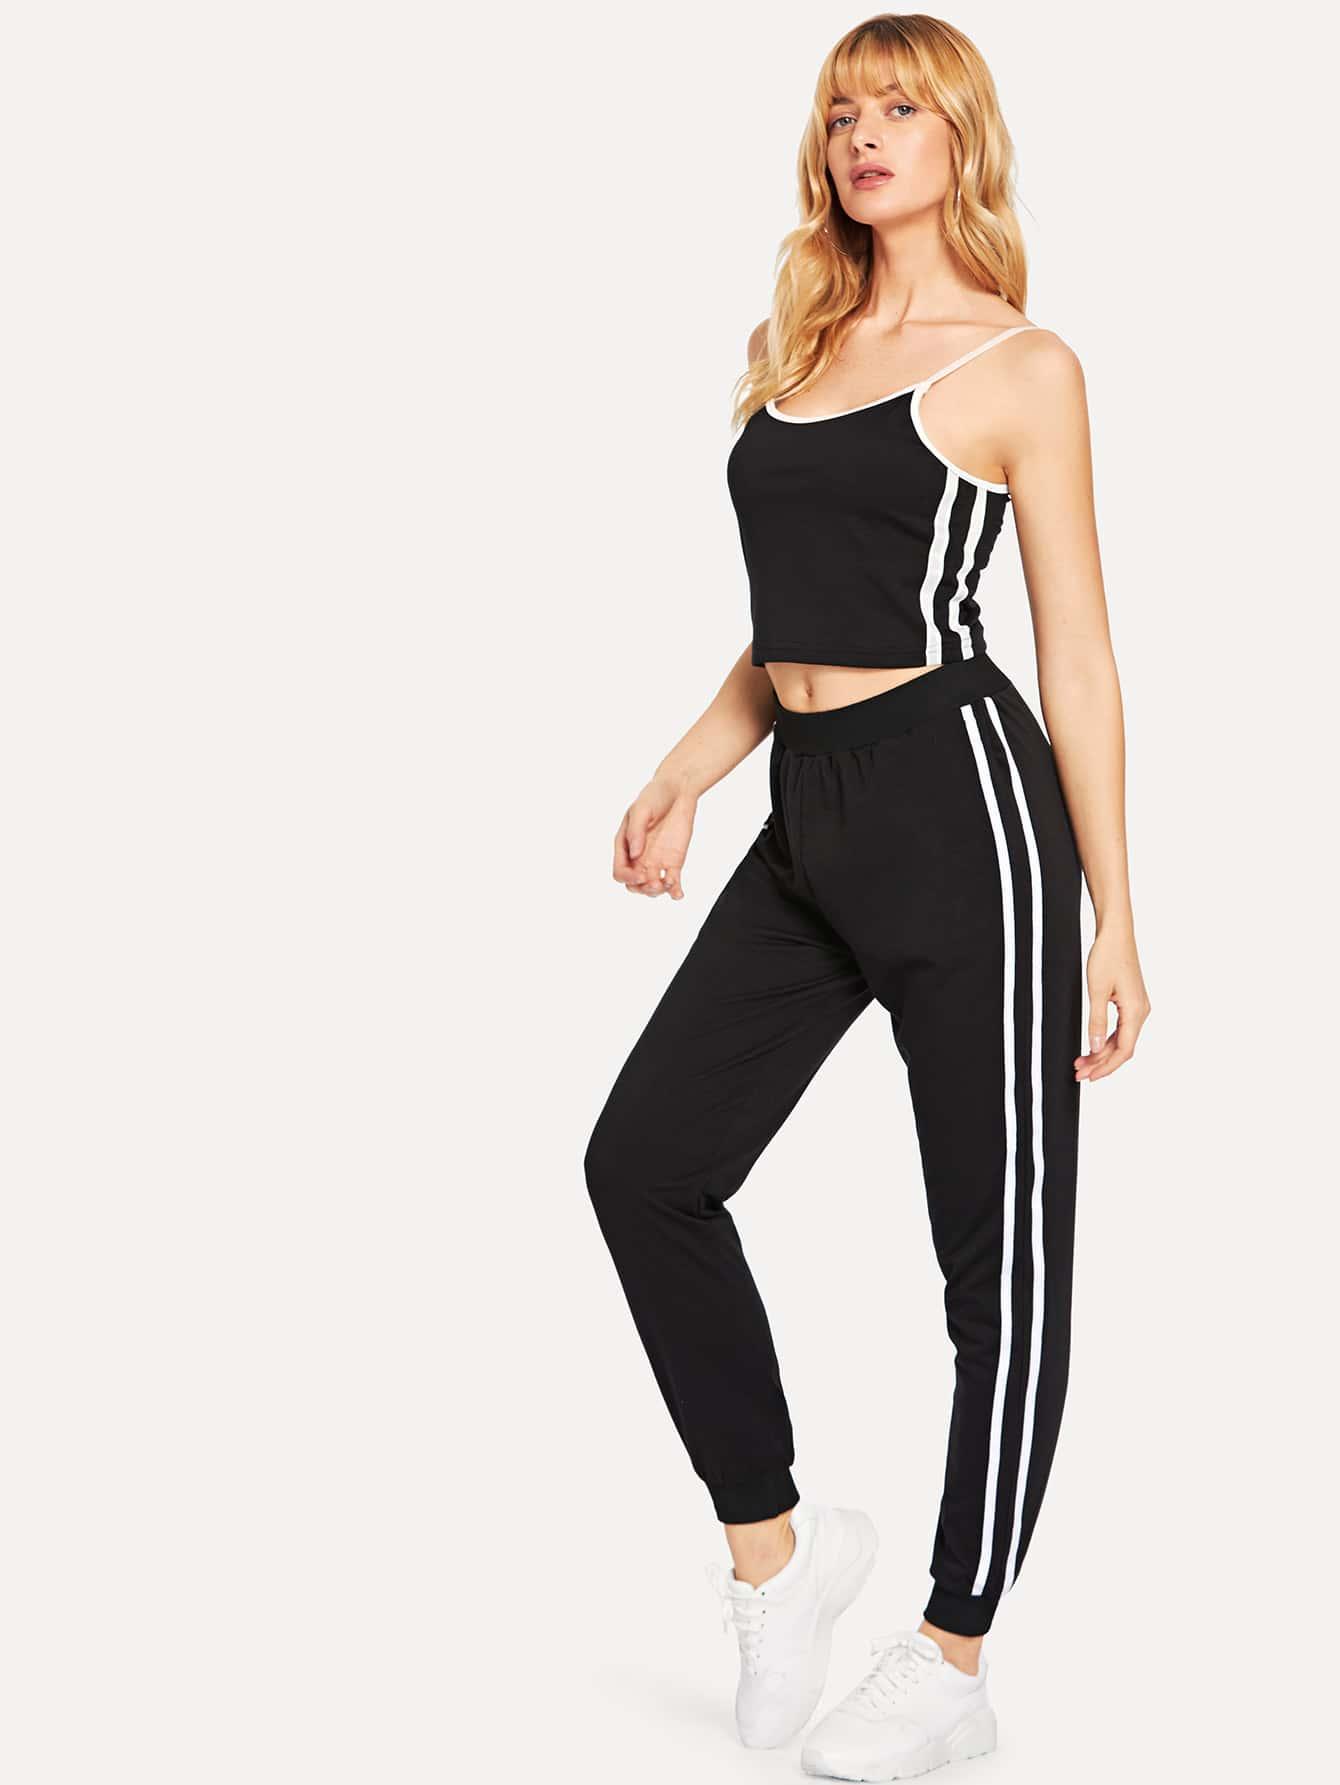 Купить Топ со симметрическими полосами и брюки, Masha, SheIn